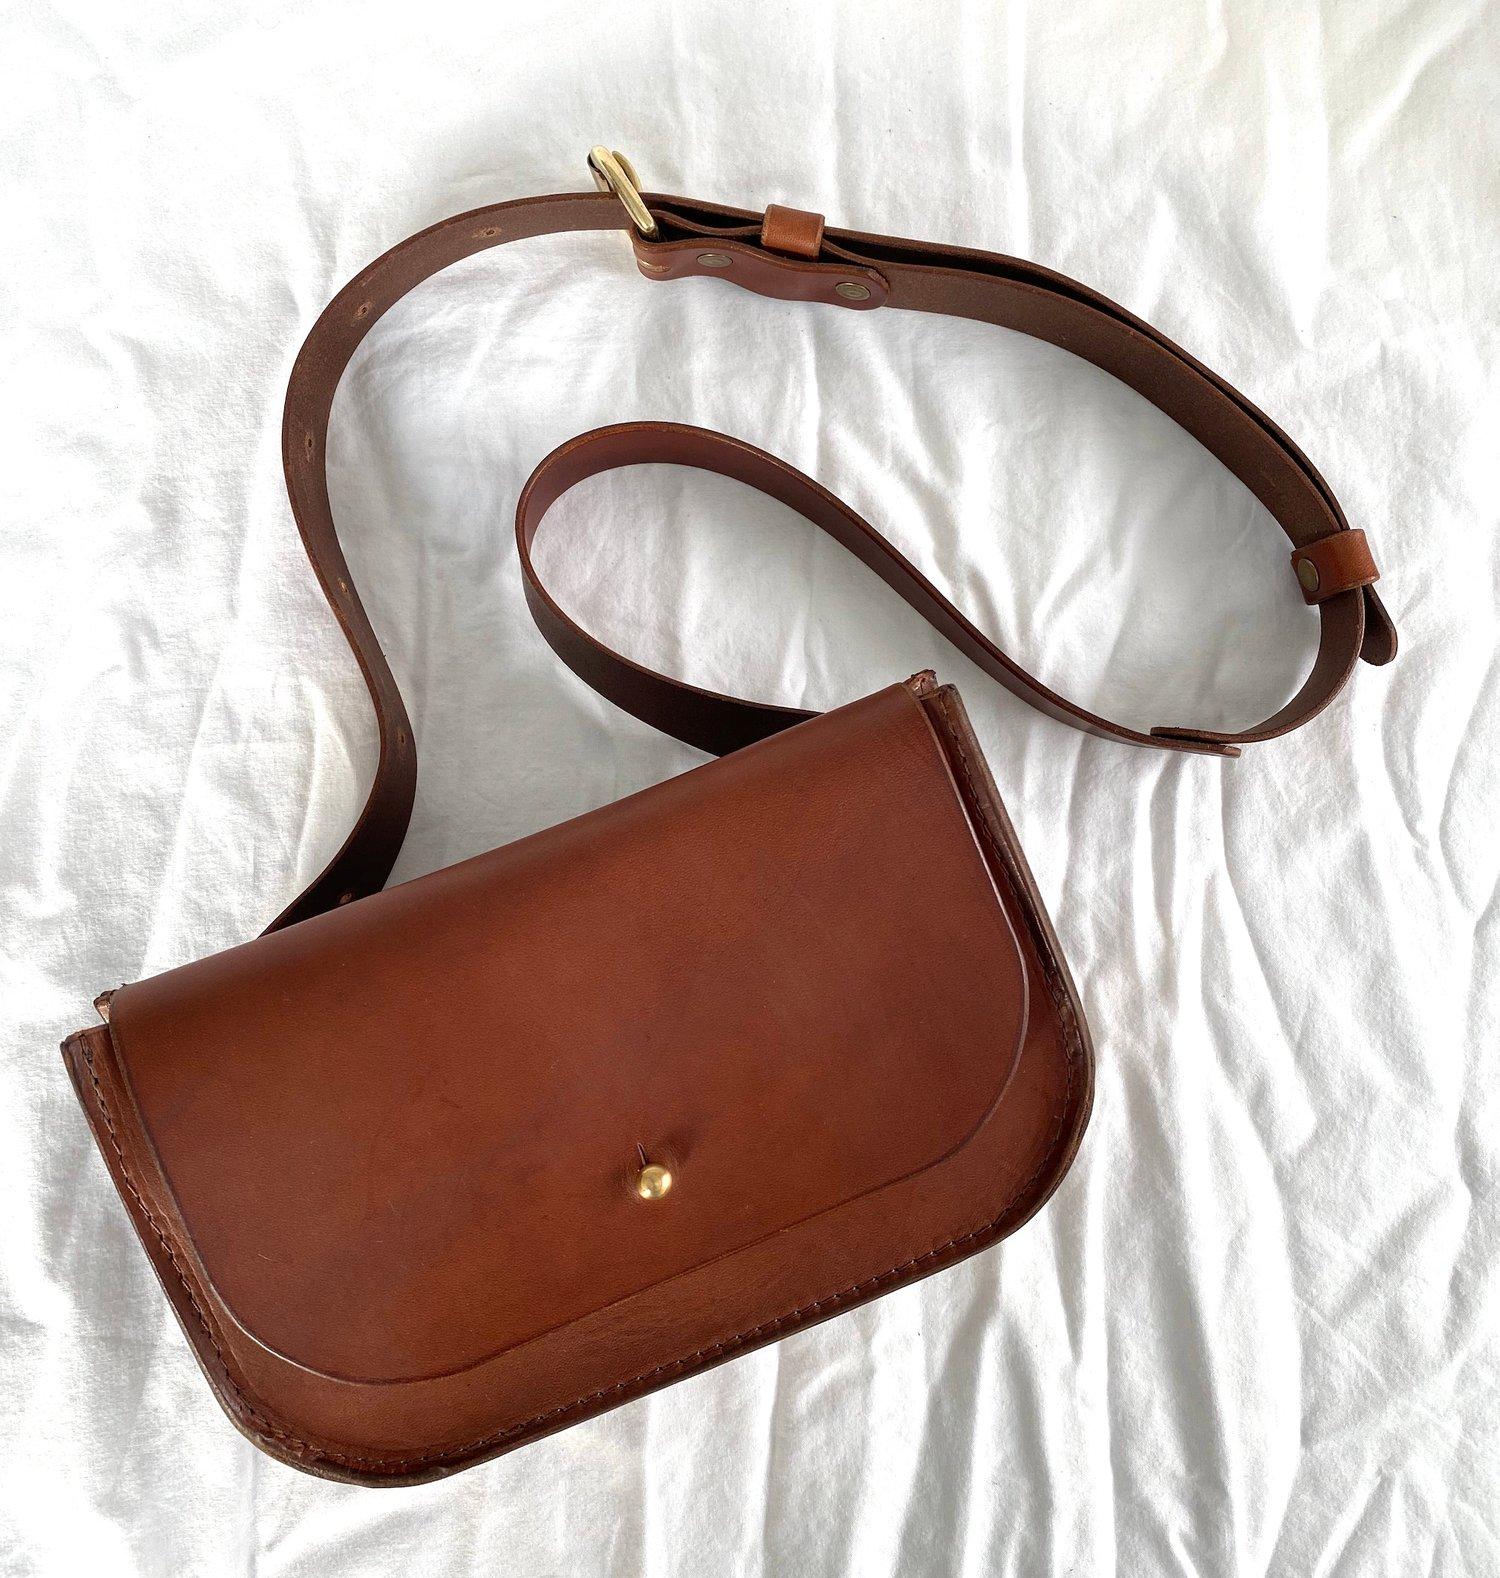 Image of Chestnut Brown Belt Bag